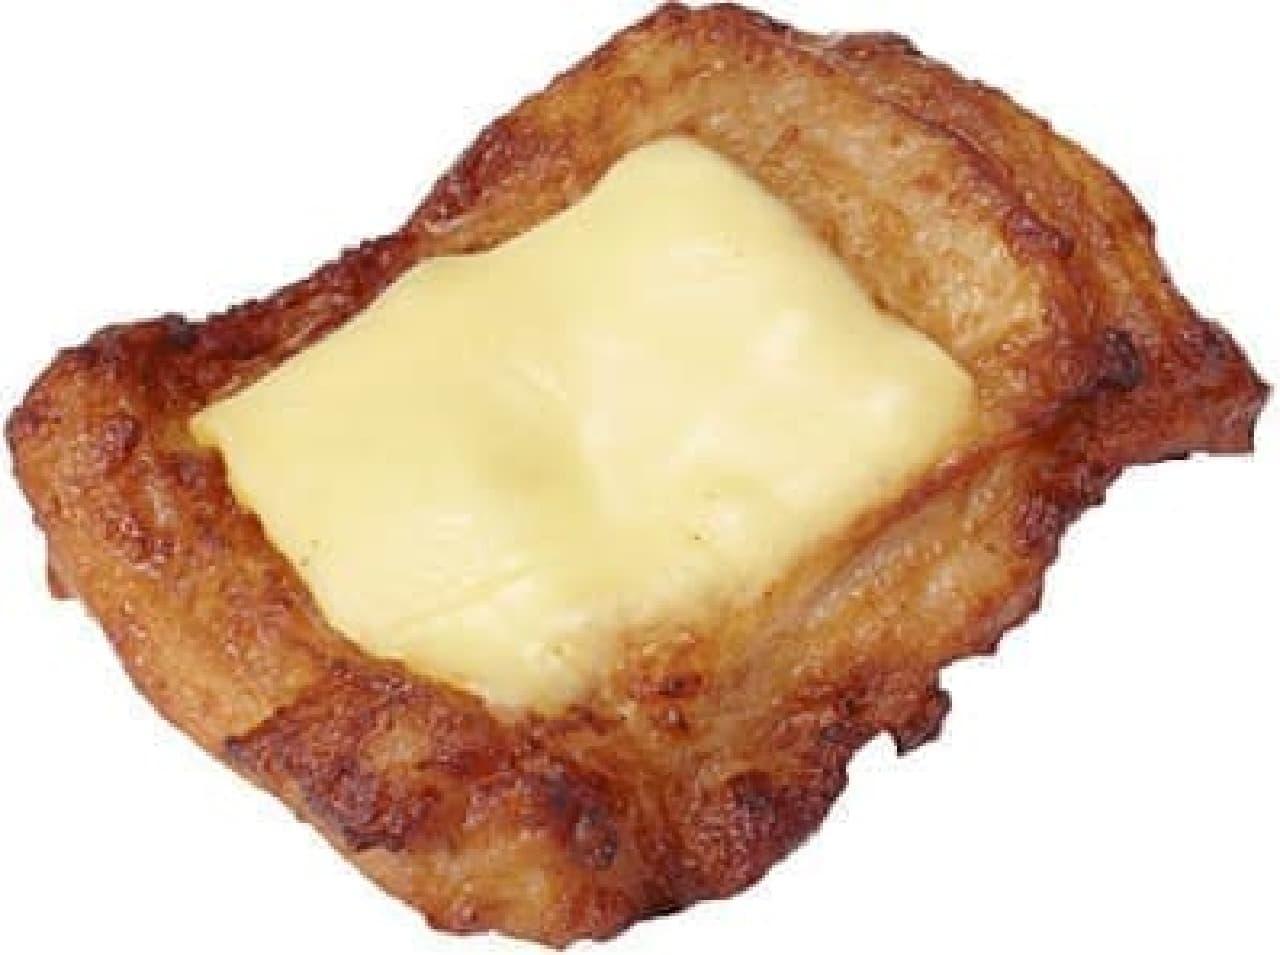 ファミリーマート「チーズオンチキンステーキ」